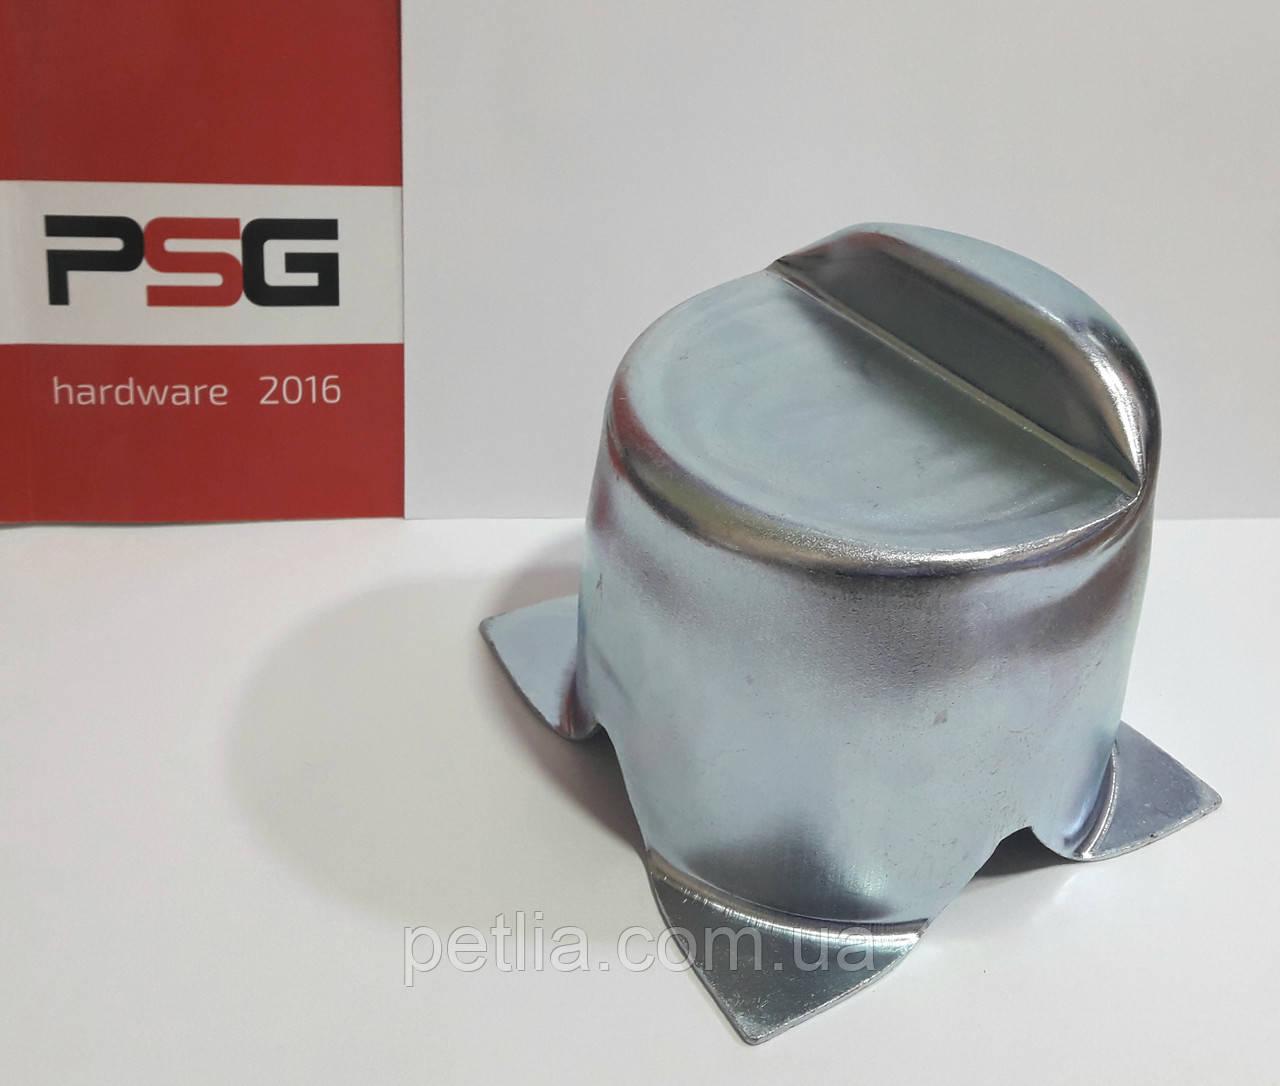 Упор центральный цементируемый PSG